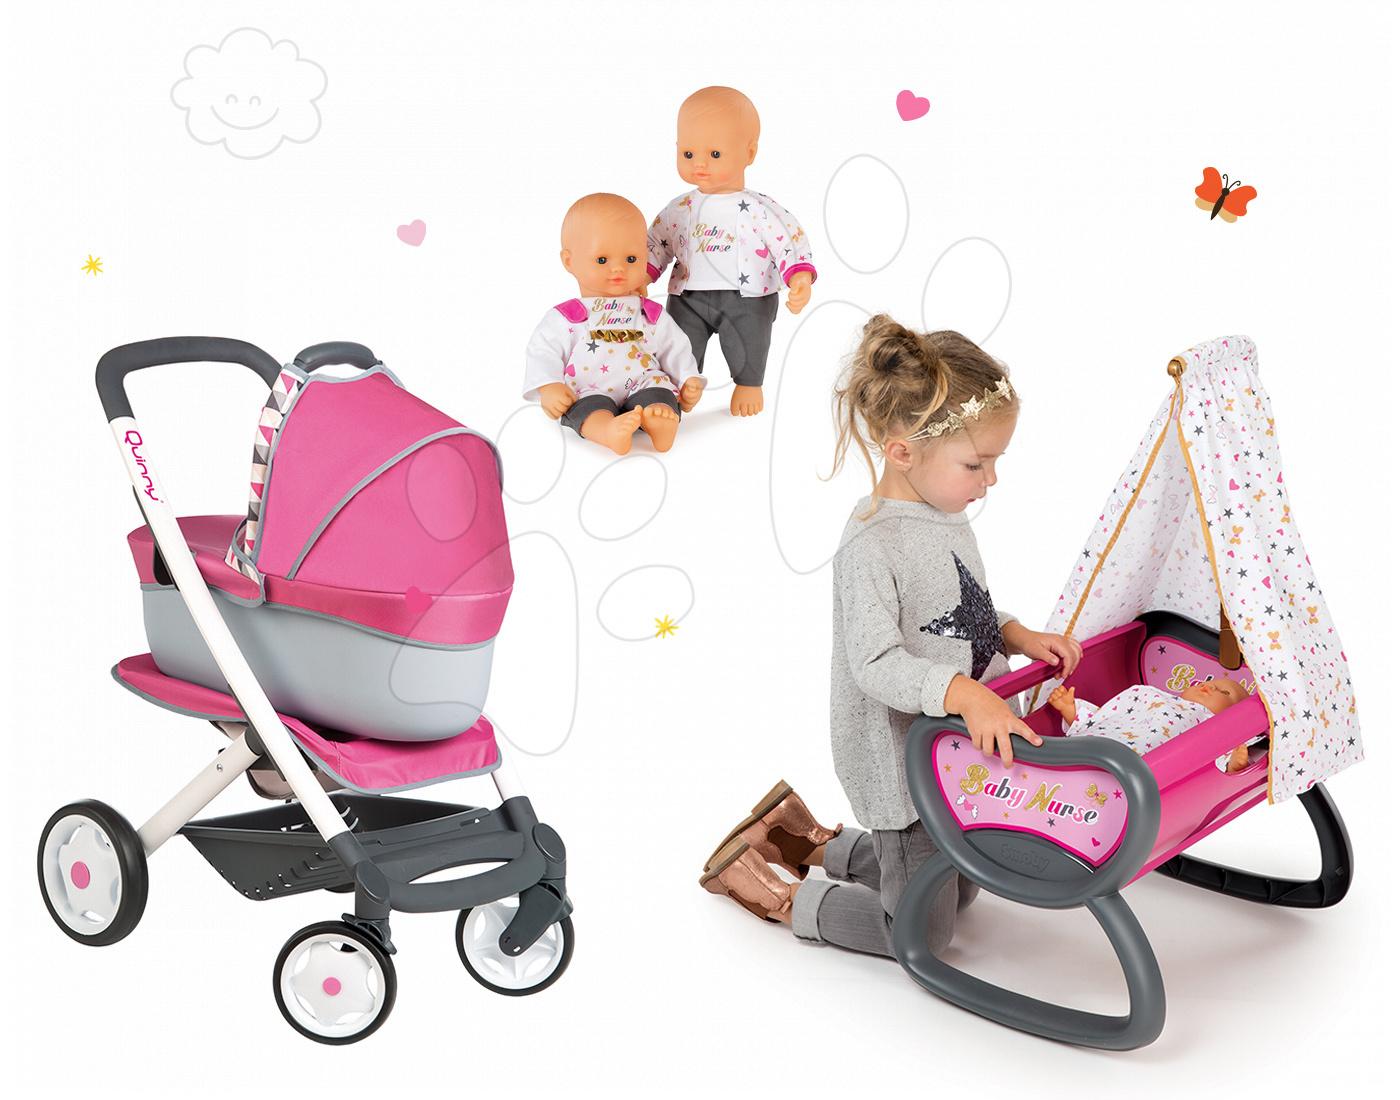 Set kočík retro Maxi Cosi&Quinny Smoby 3v1 s nosítkom pre bábiku, bábika a kolíska s baldachýnom